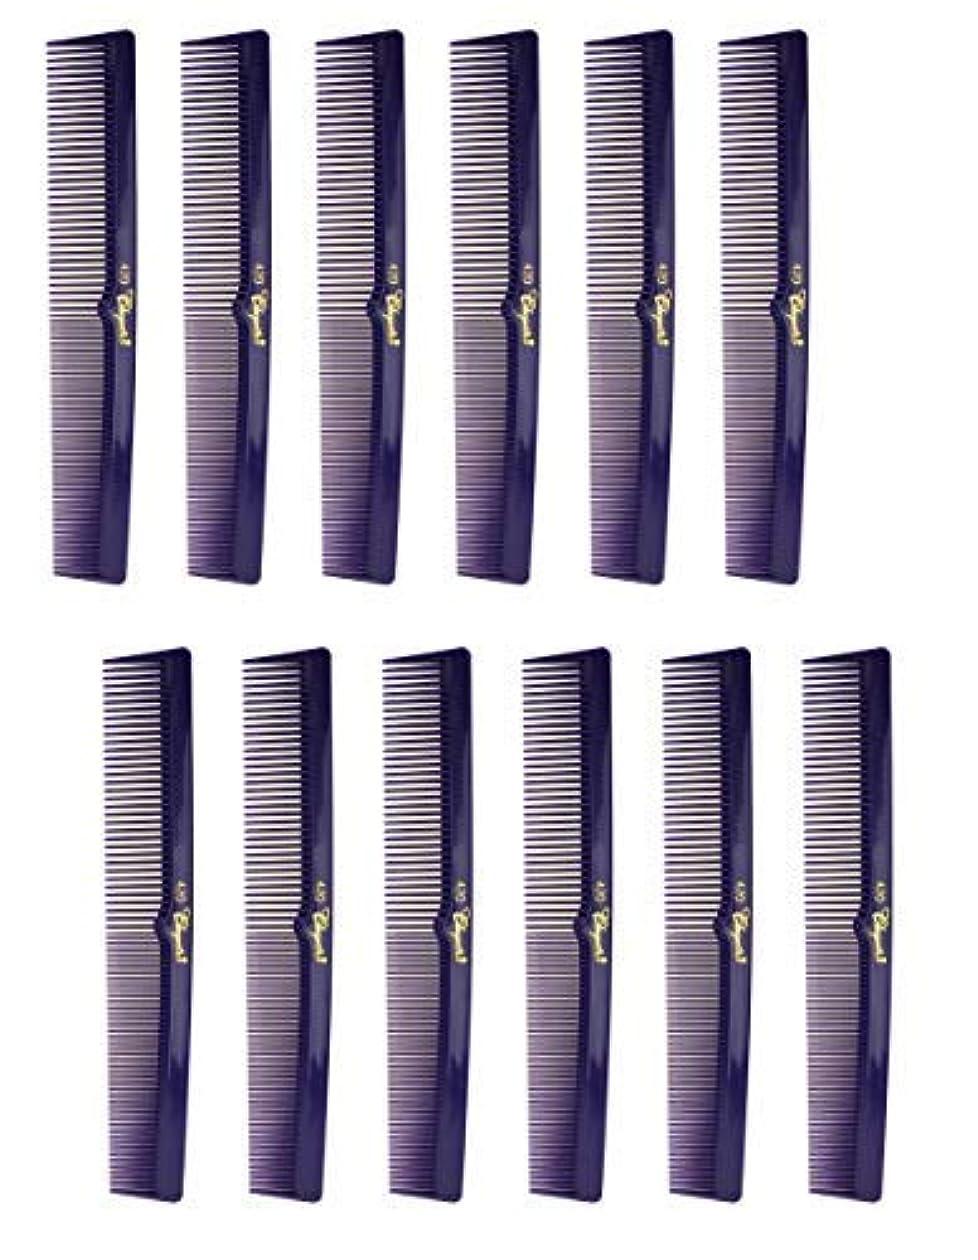 交流する休戦アブストラクト7 Inch Hair Cutting Combs. Barber's & Hairstylist Combs. Purple 1 DZ. [並行輸入品]